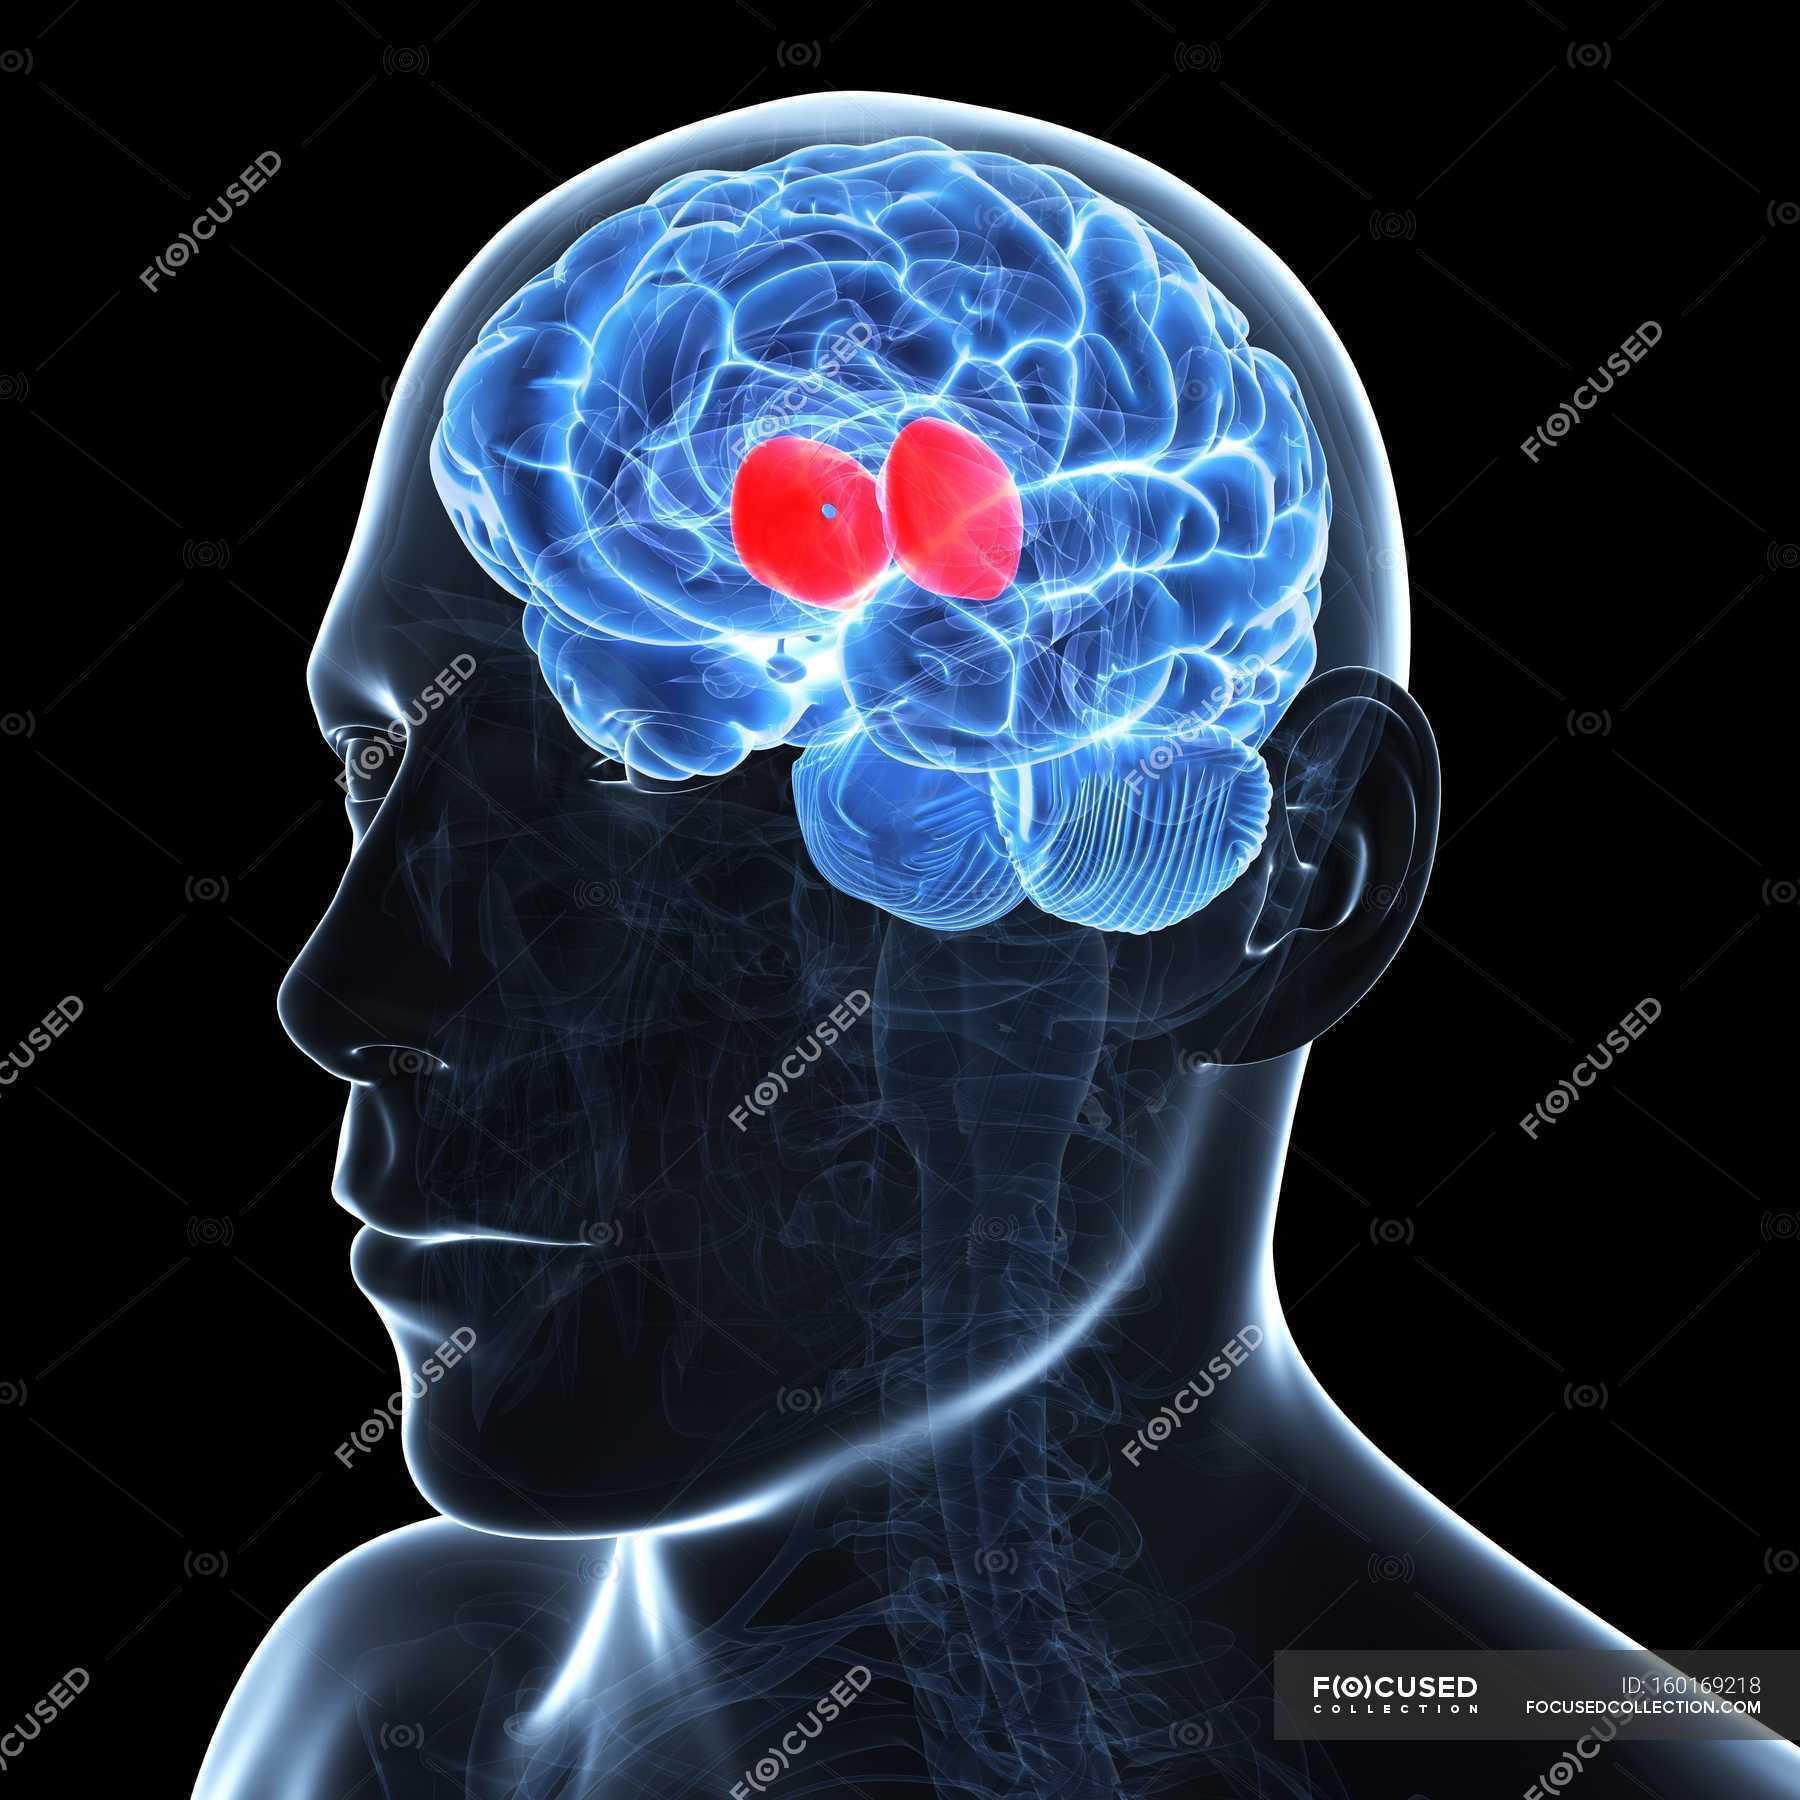 Kunstwerk des Gehirns Thalamus zeigen — Stockfoto | #160169218